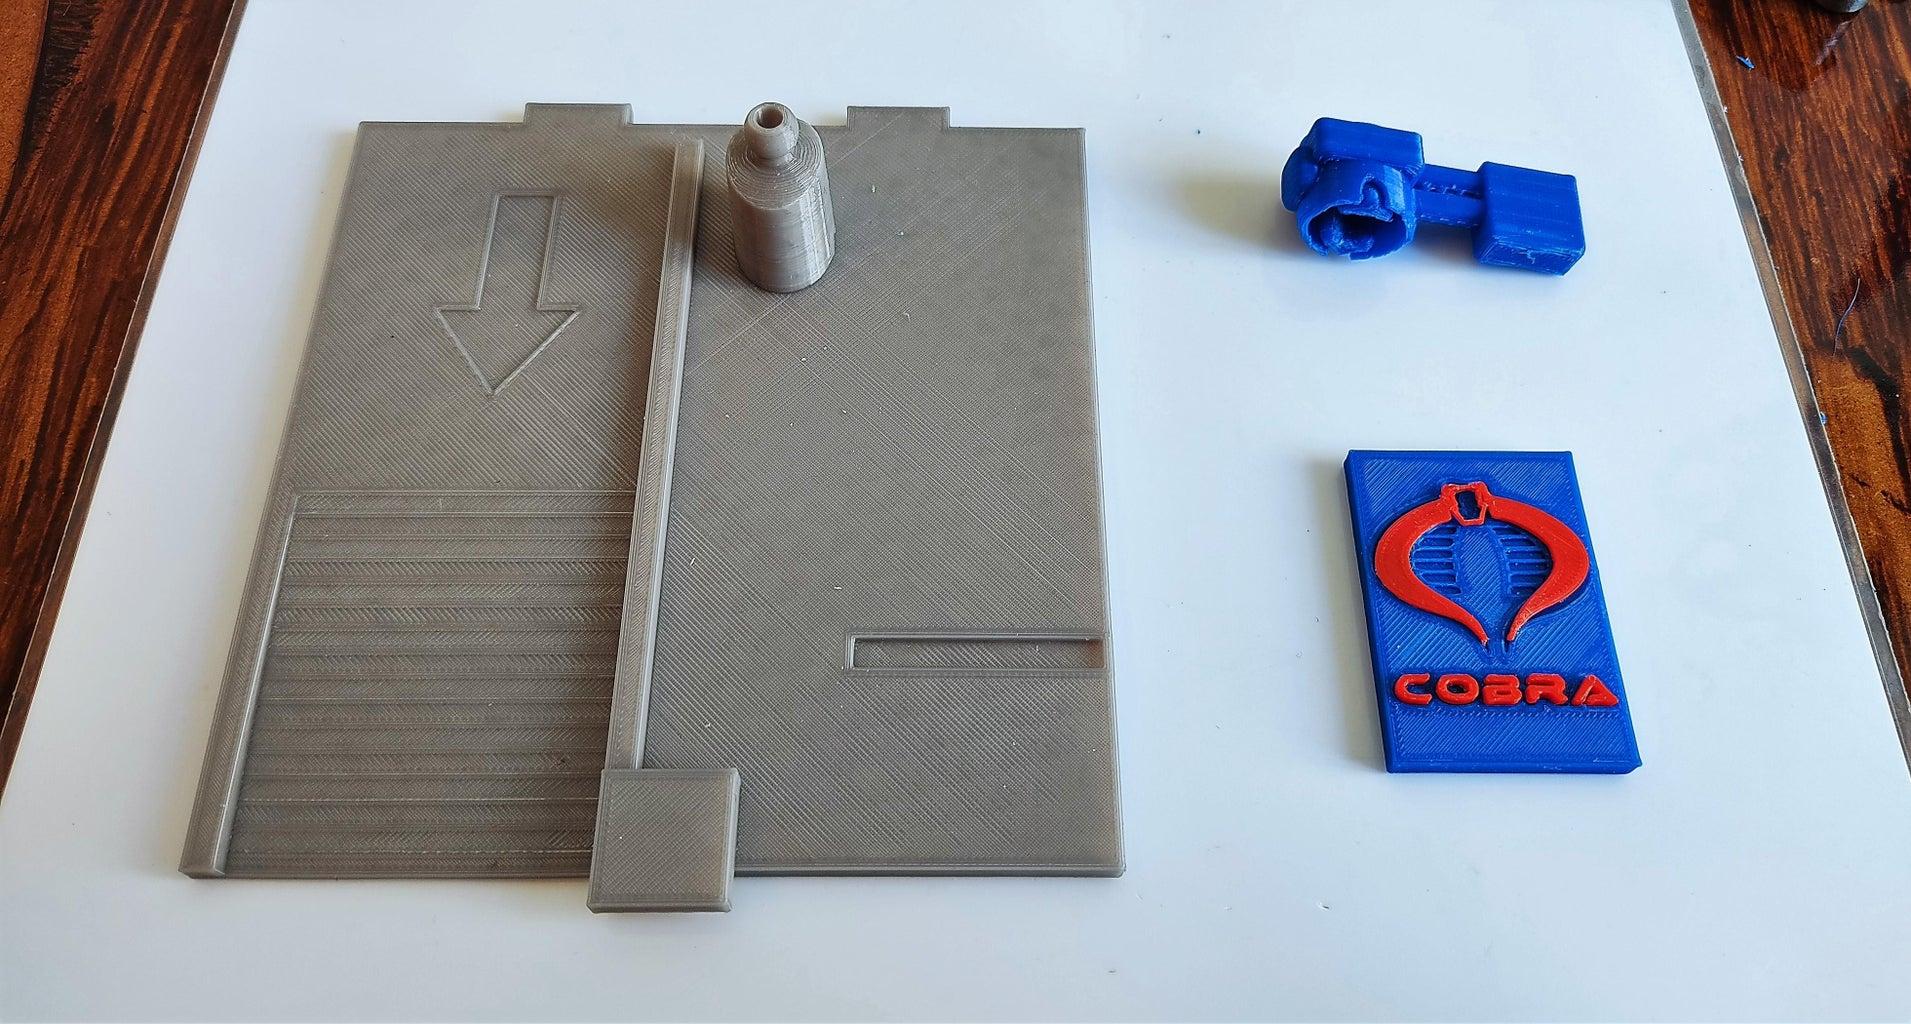 建筑平台3:标志与武器